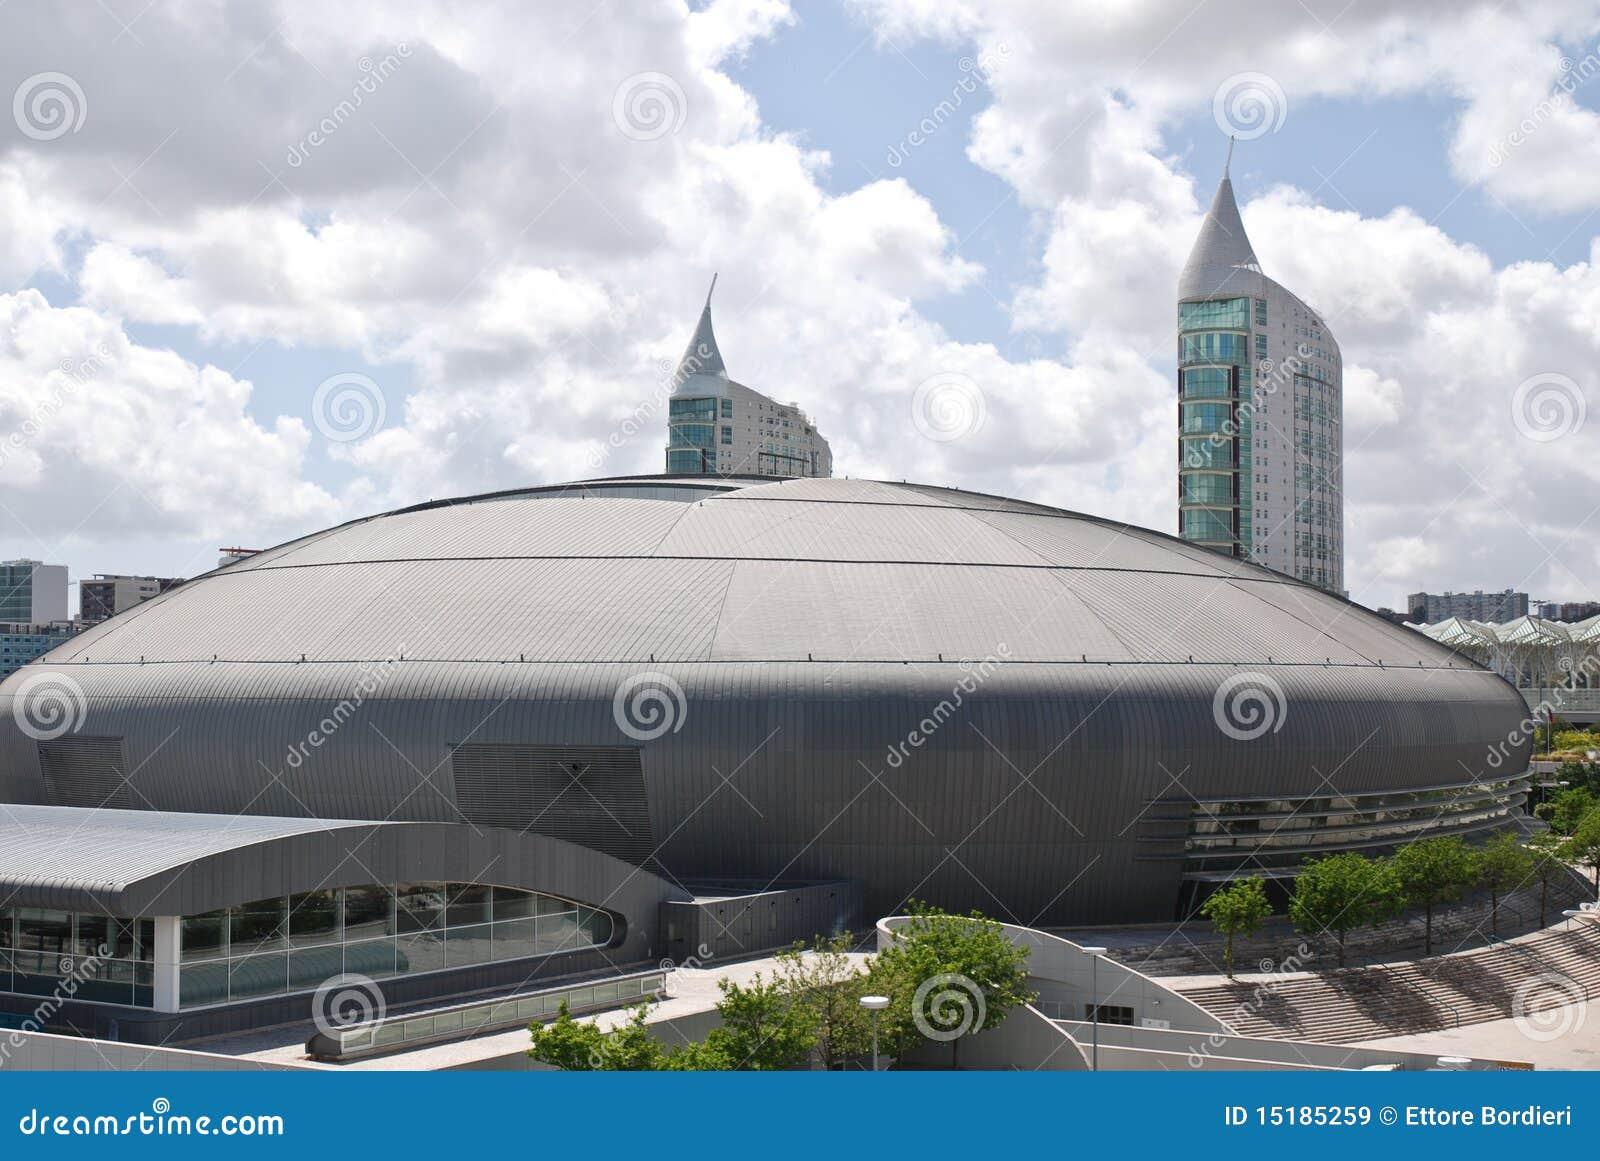 Moderne architektur in den nationen parkt in lissabon for Architektur lissabon